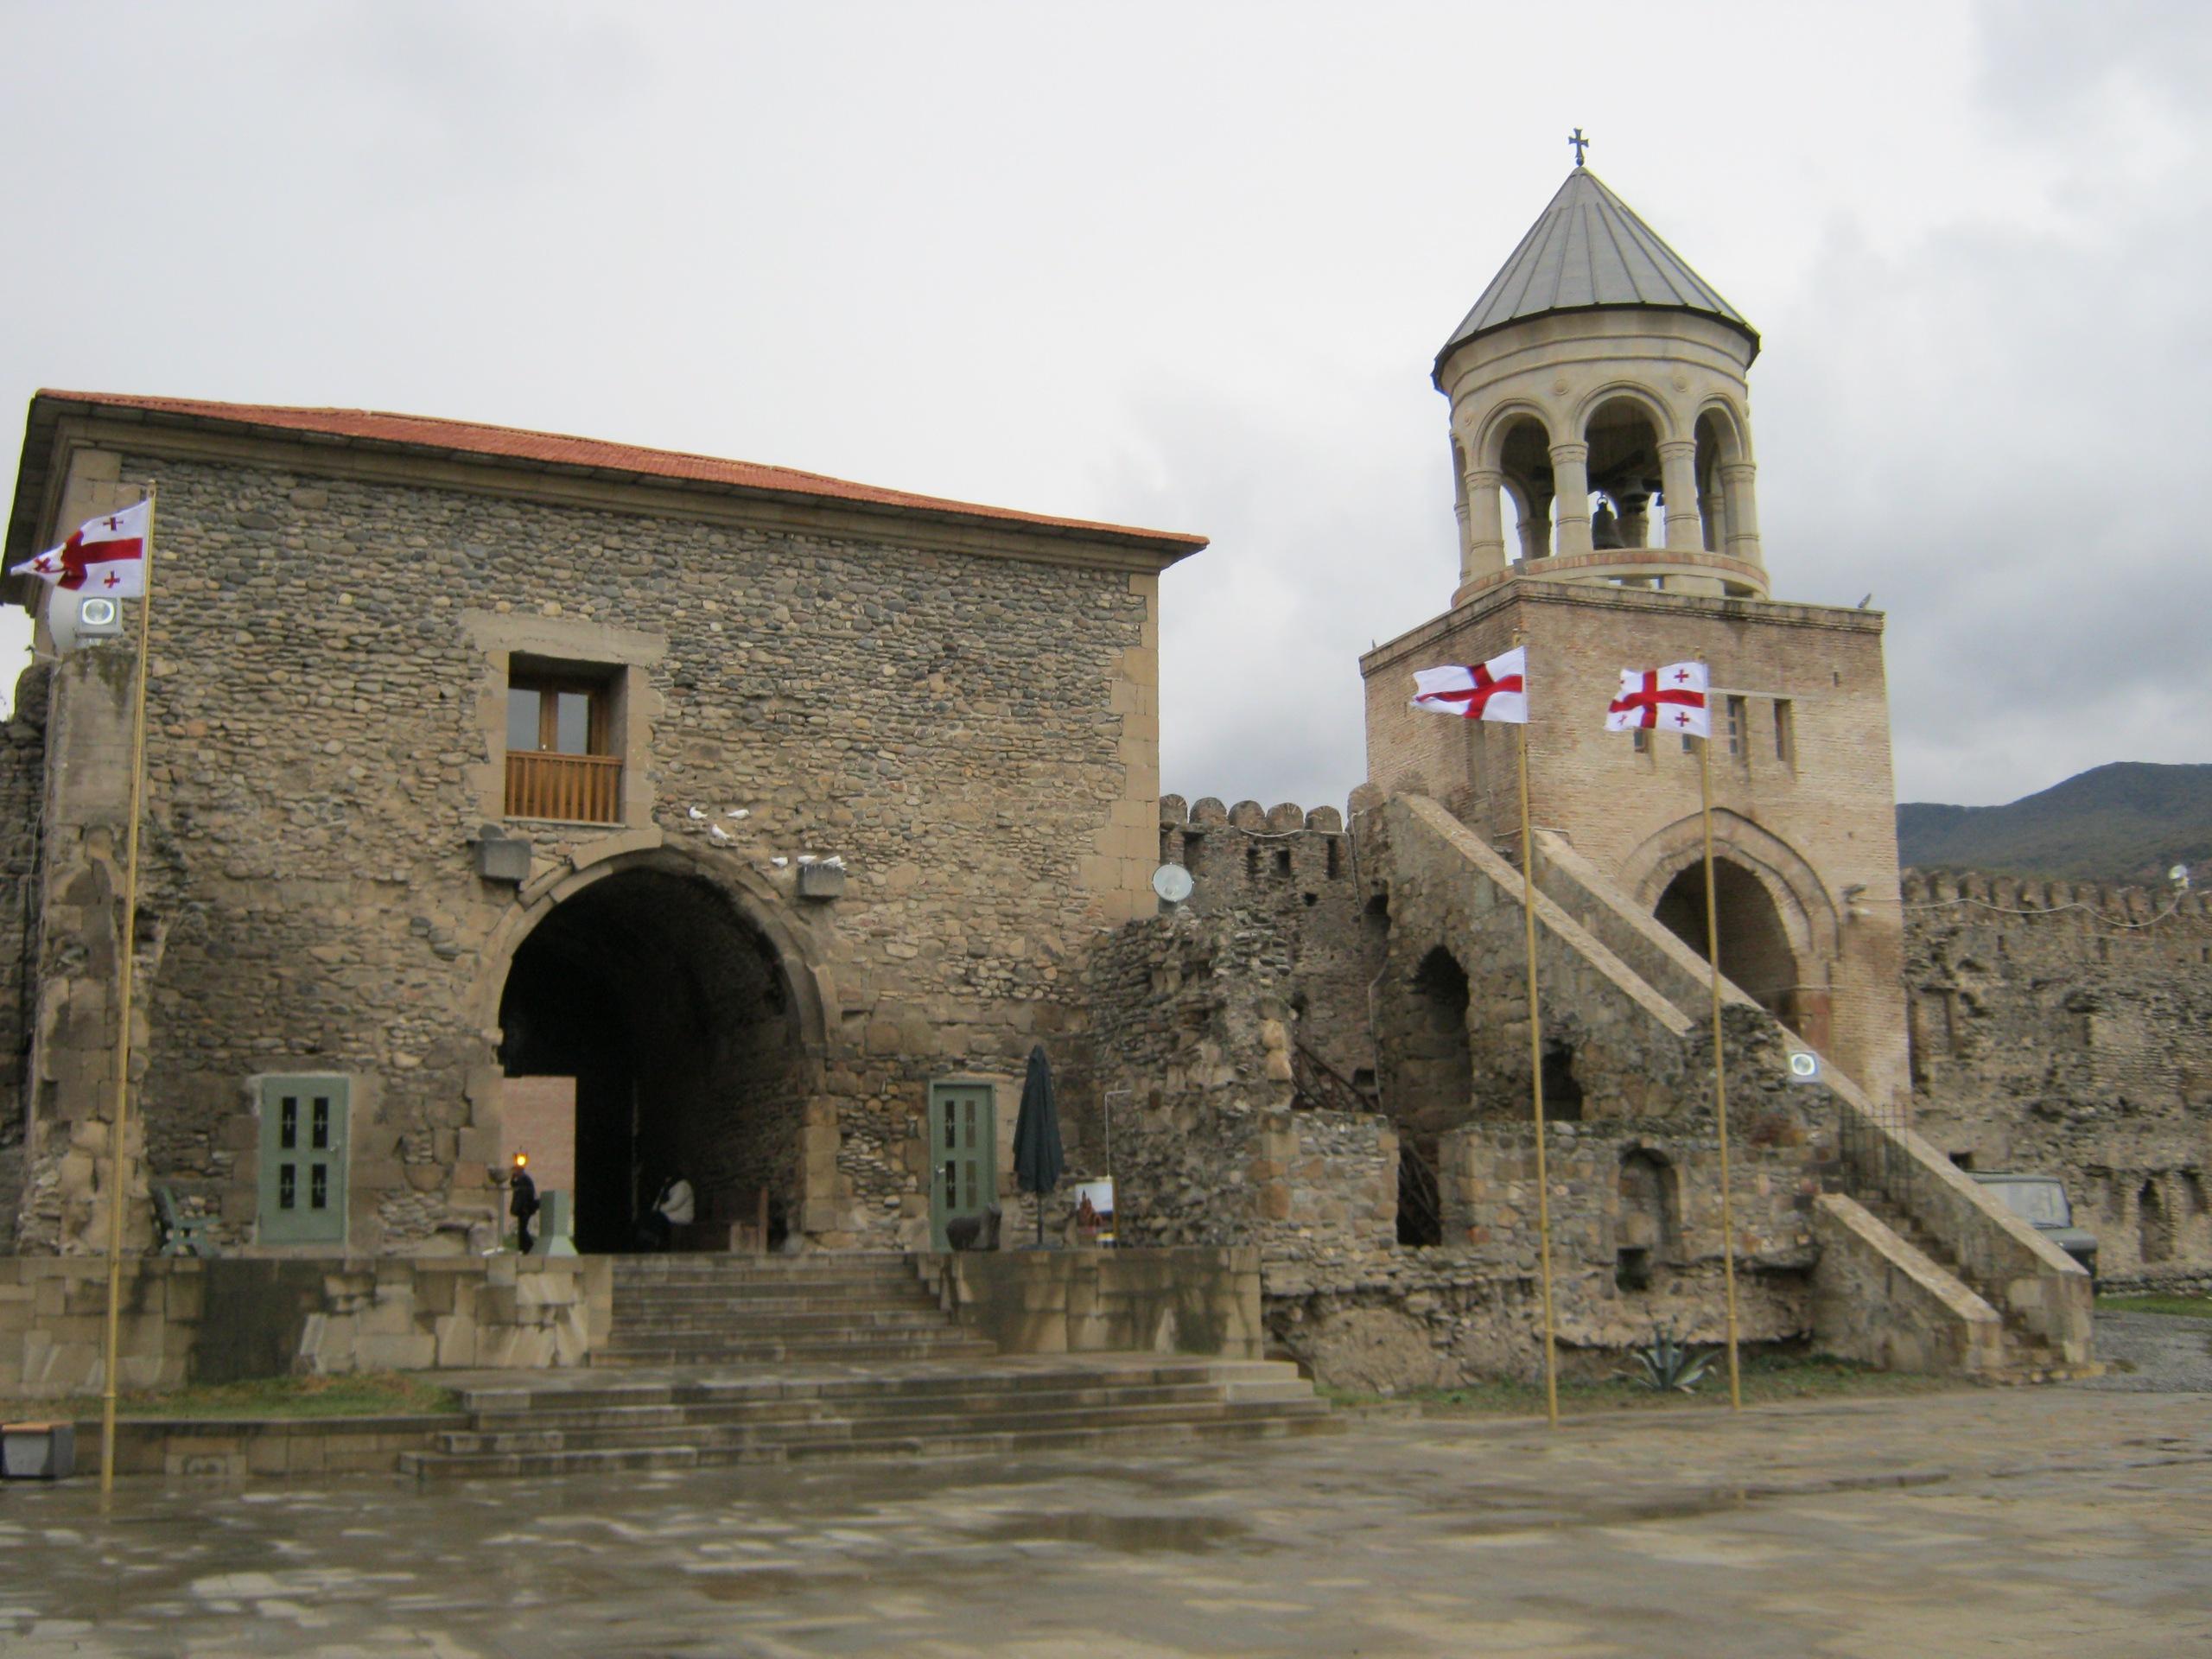 Внутренняя сторона ворот, через которые заходят посетители церкви Светицховели.